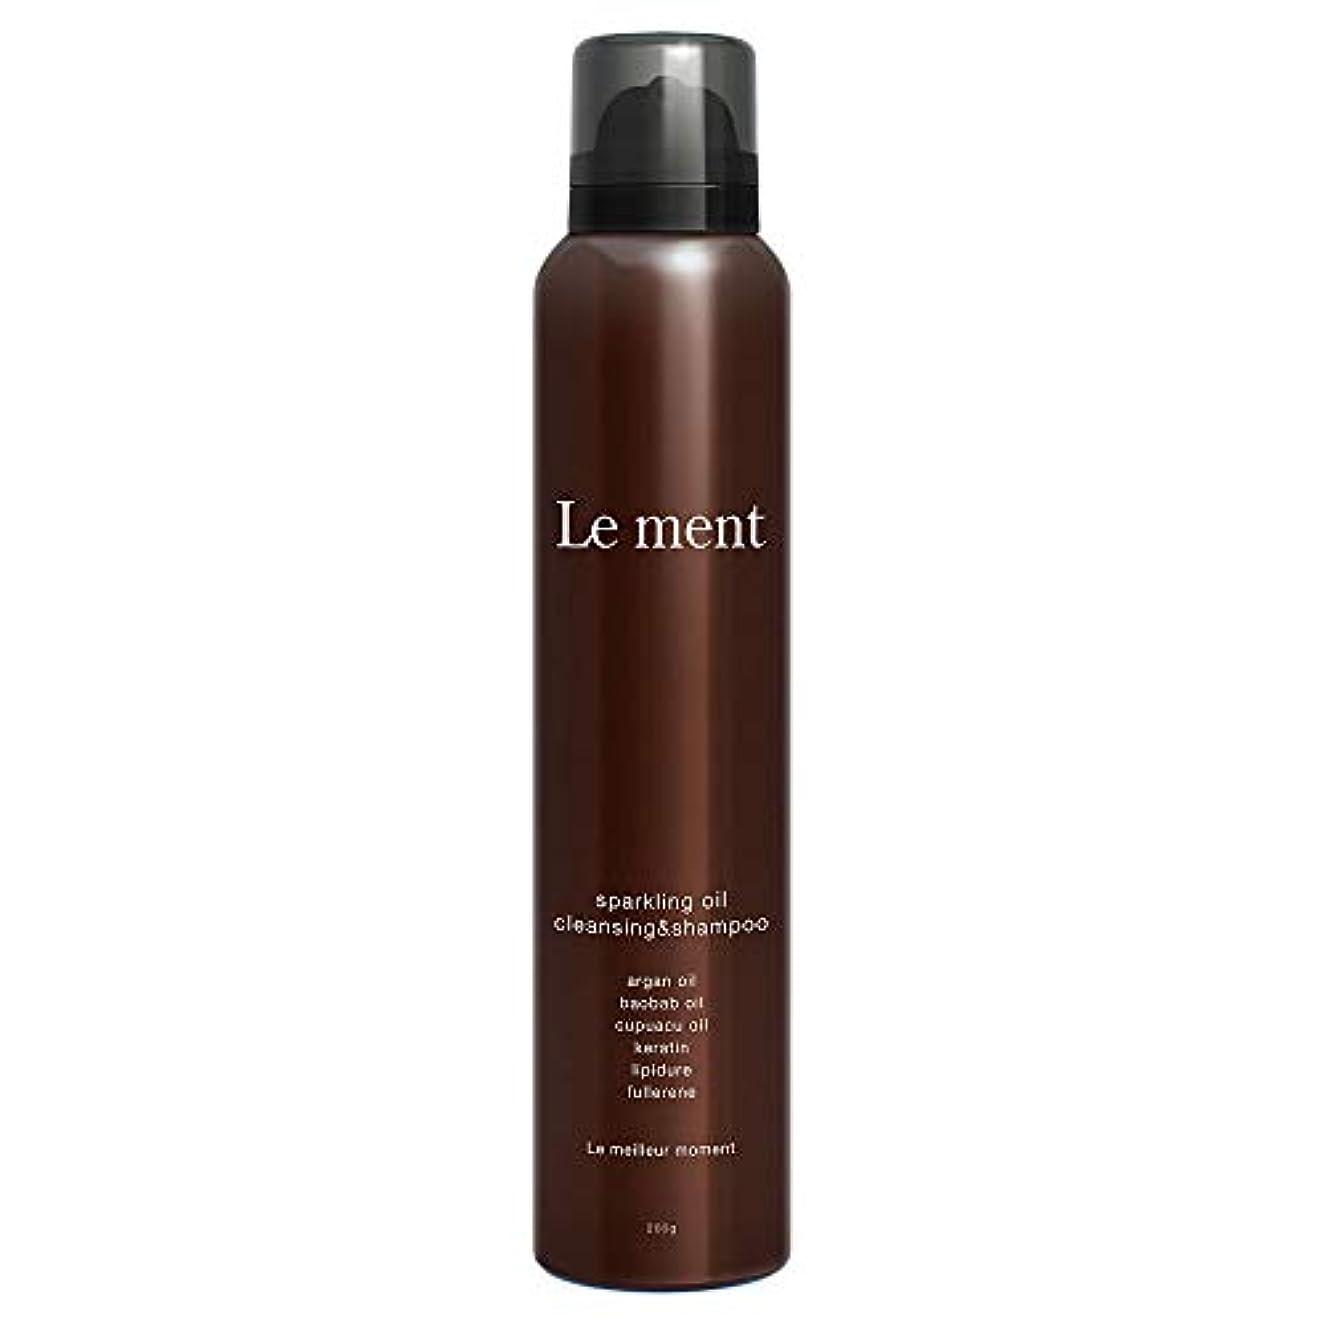 妥協毛細血管送信するLe ment -sparkling oil cleansing & shampoo -